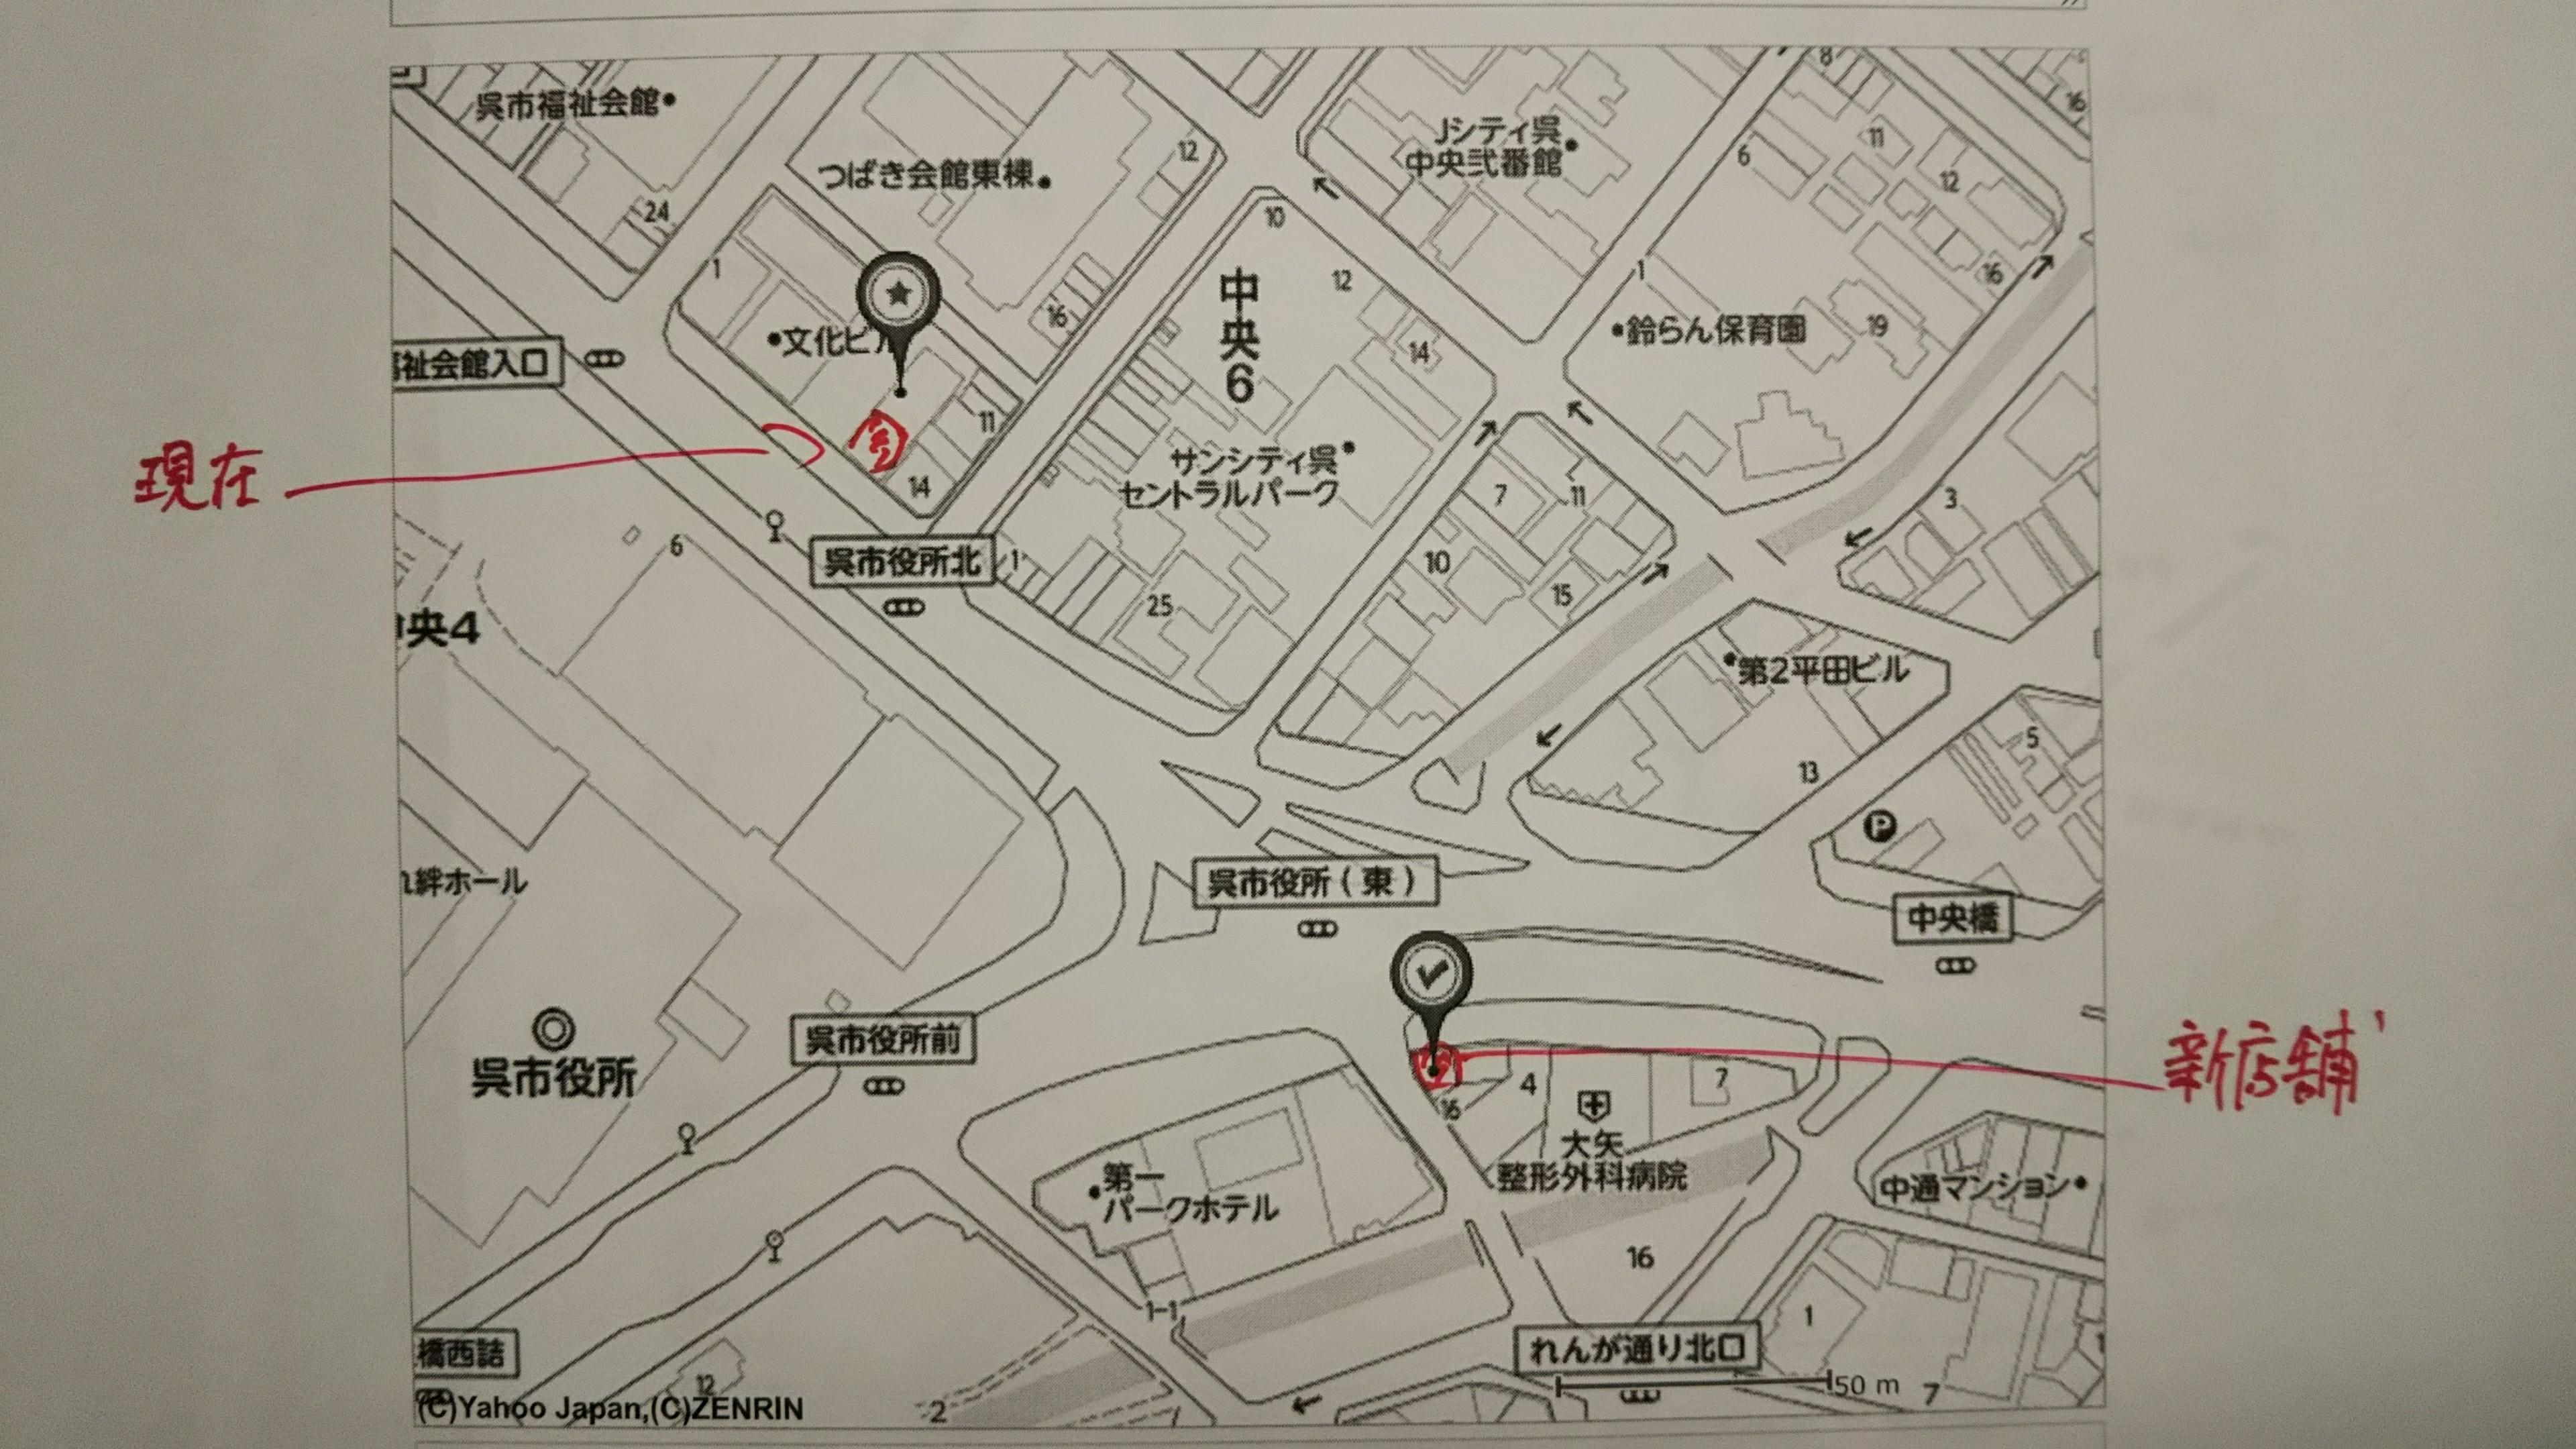 新店舗は呉市役所の斜め東側、大矢整形外科の近隣になります